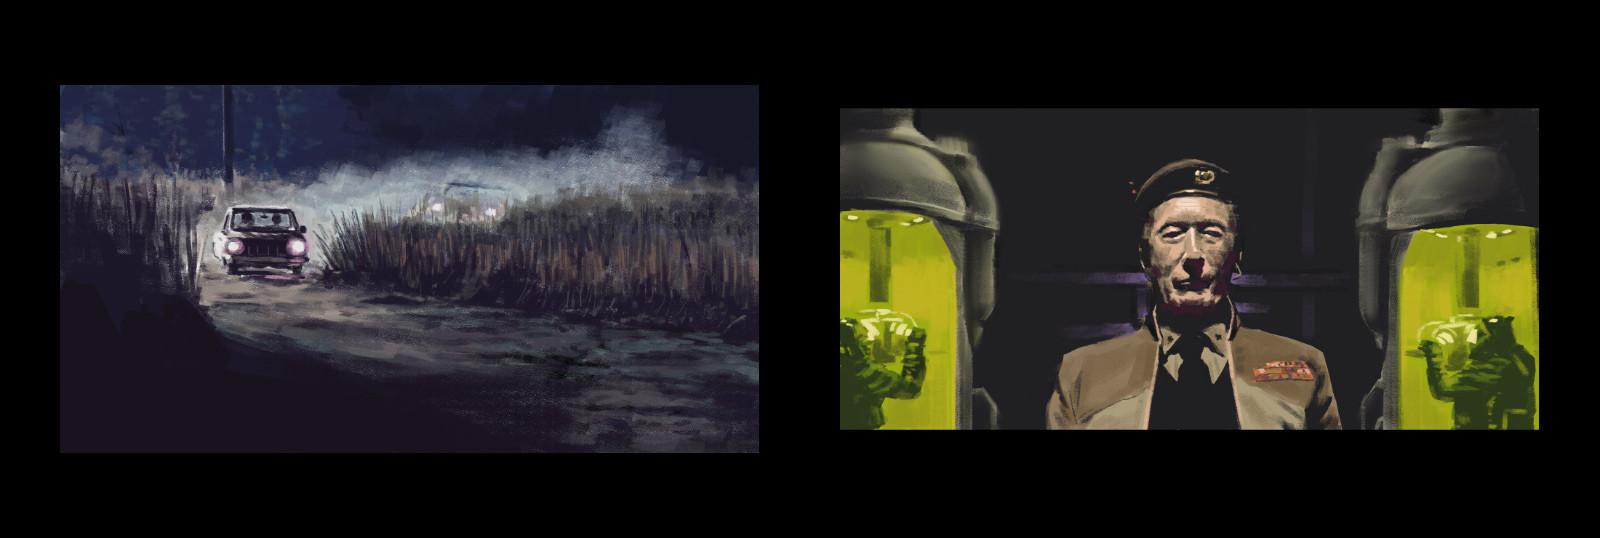 Michal rachwal color studies gallery02